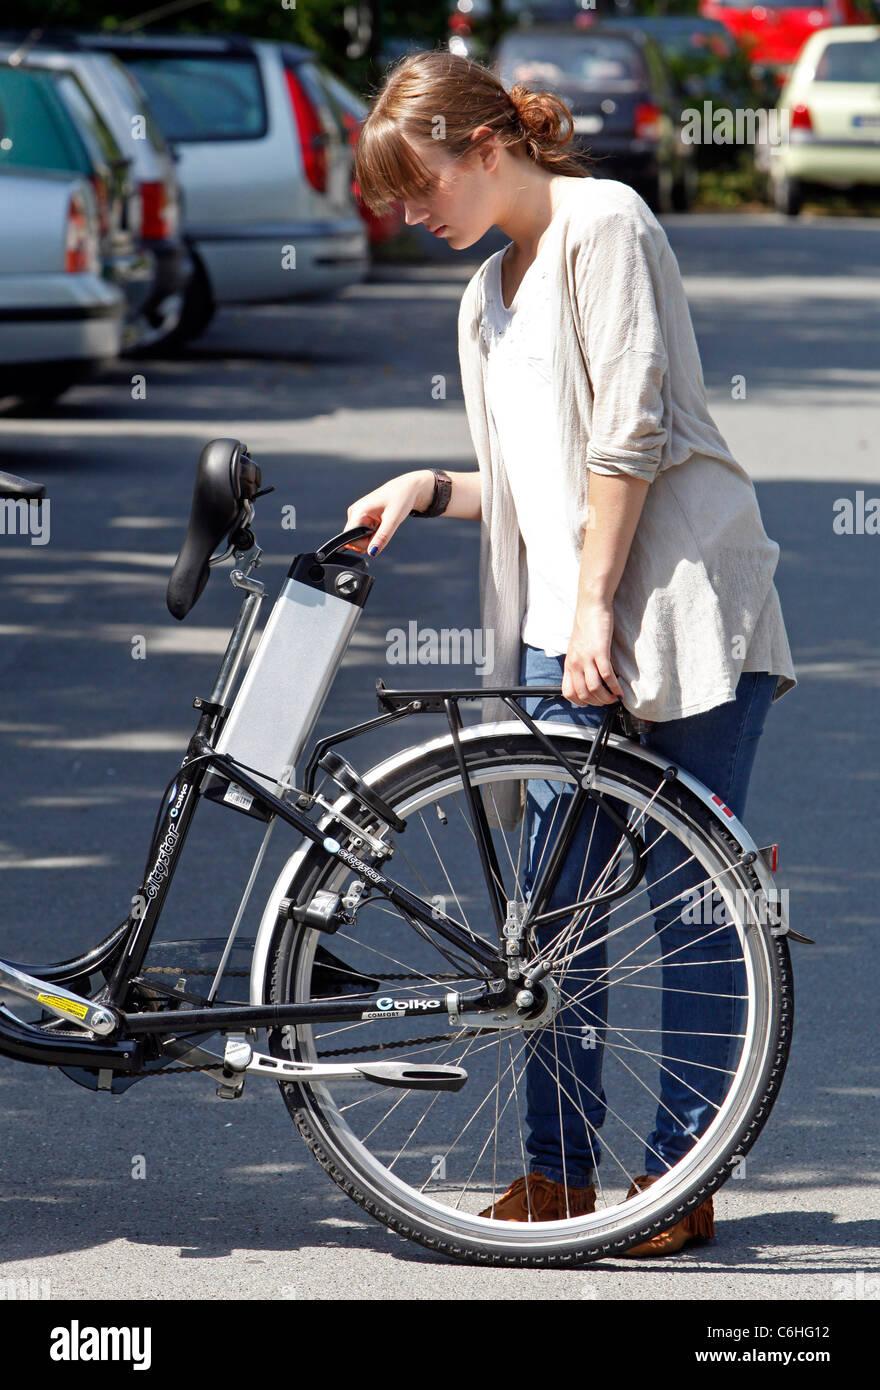 Mädchen, Batteriewechsel auf Elektro-Fahrrad, Pedelec, Ebike, e-Bike, Dortmund, Deutschland Stockbild